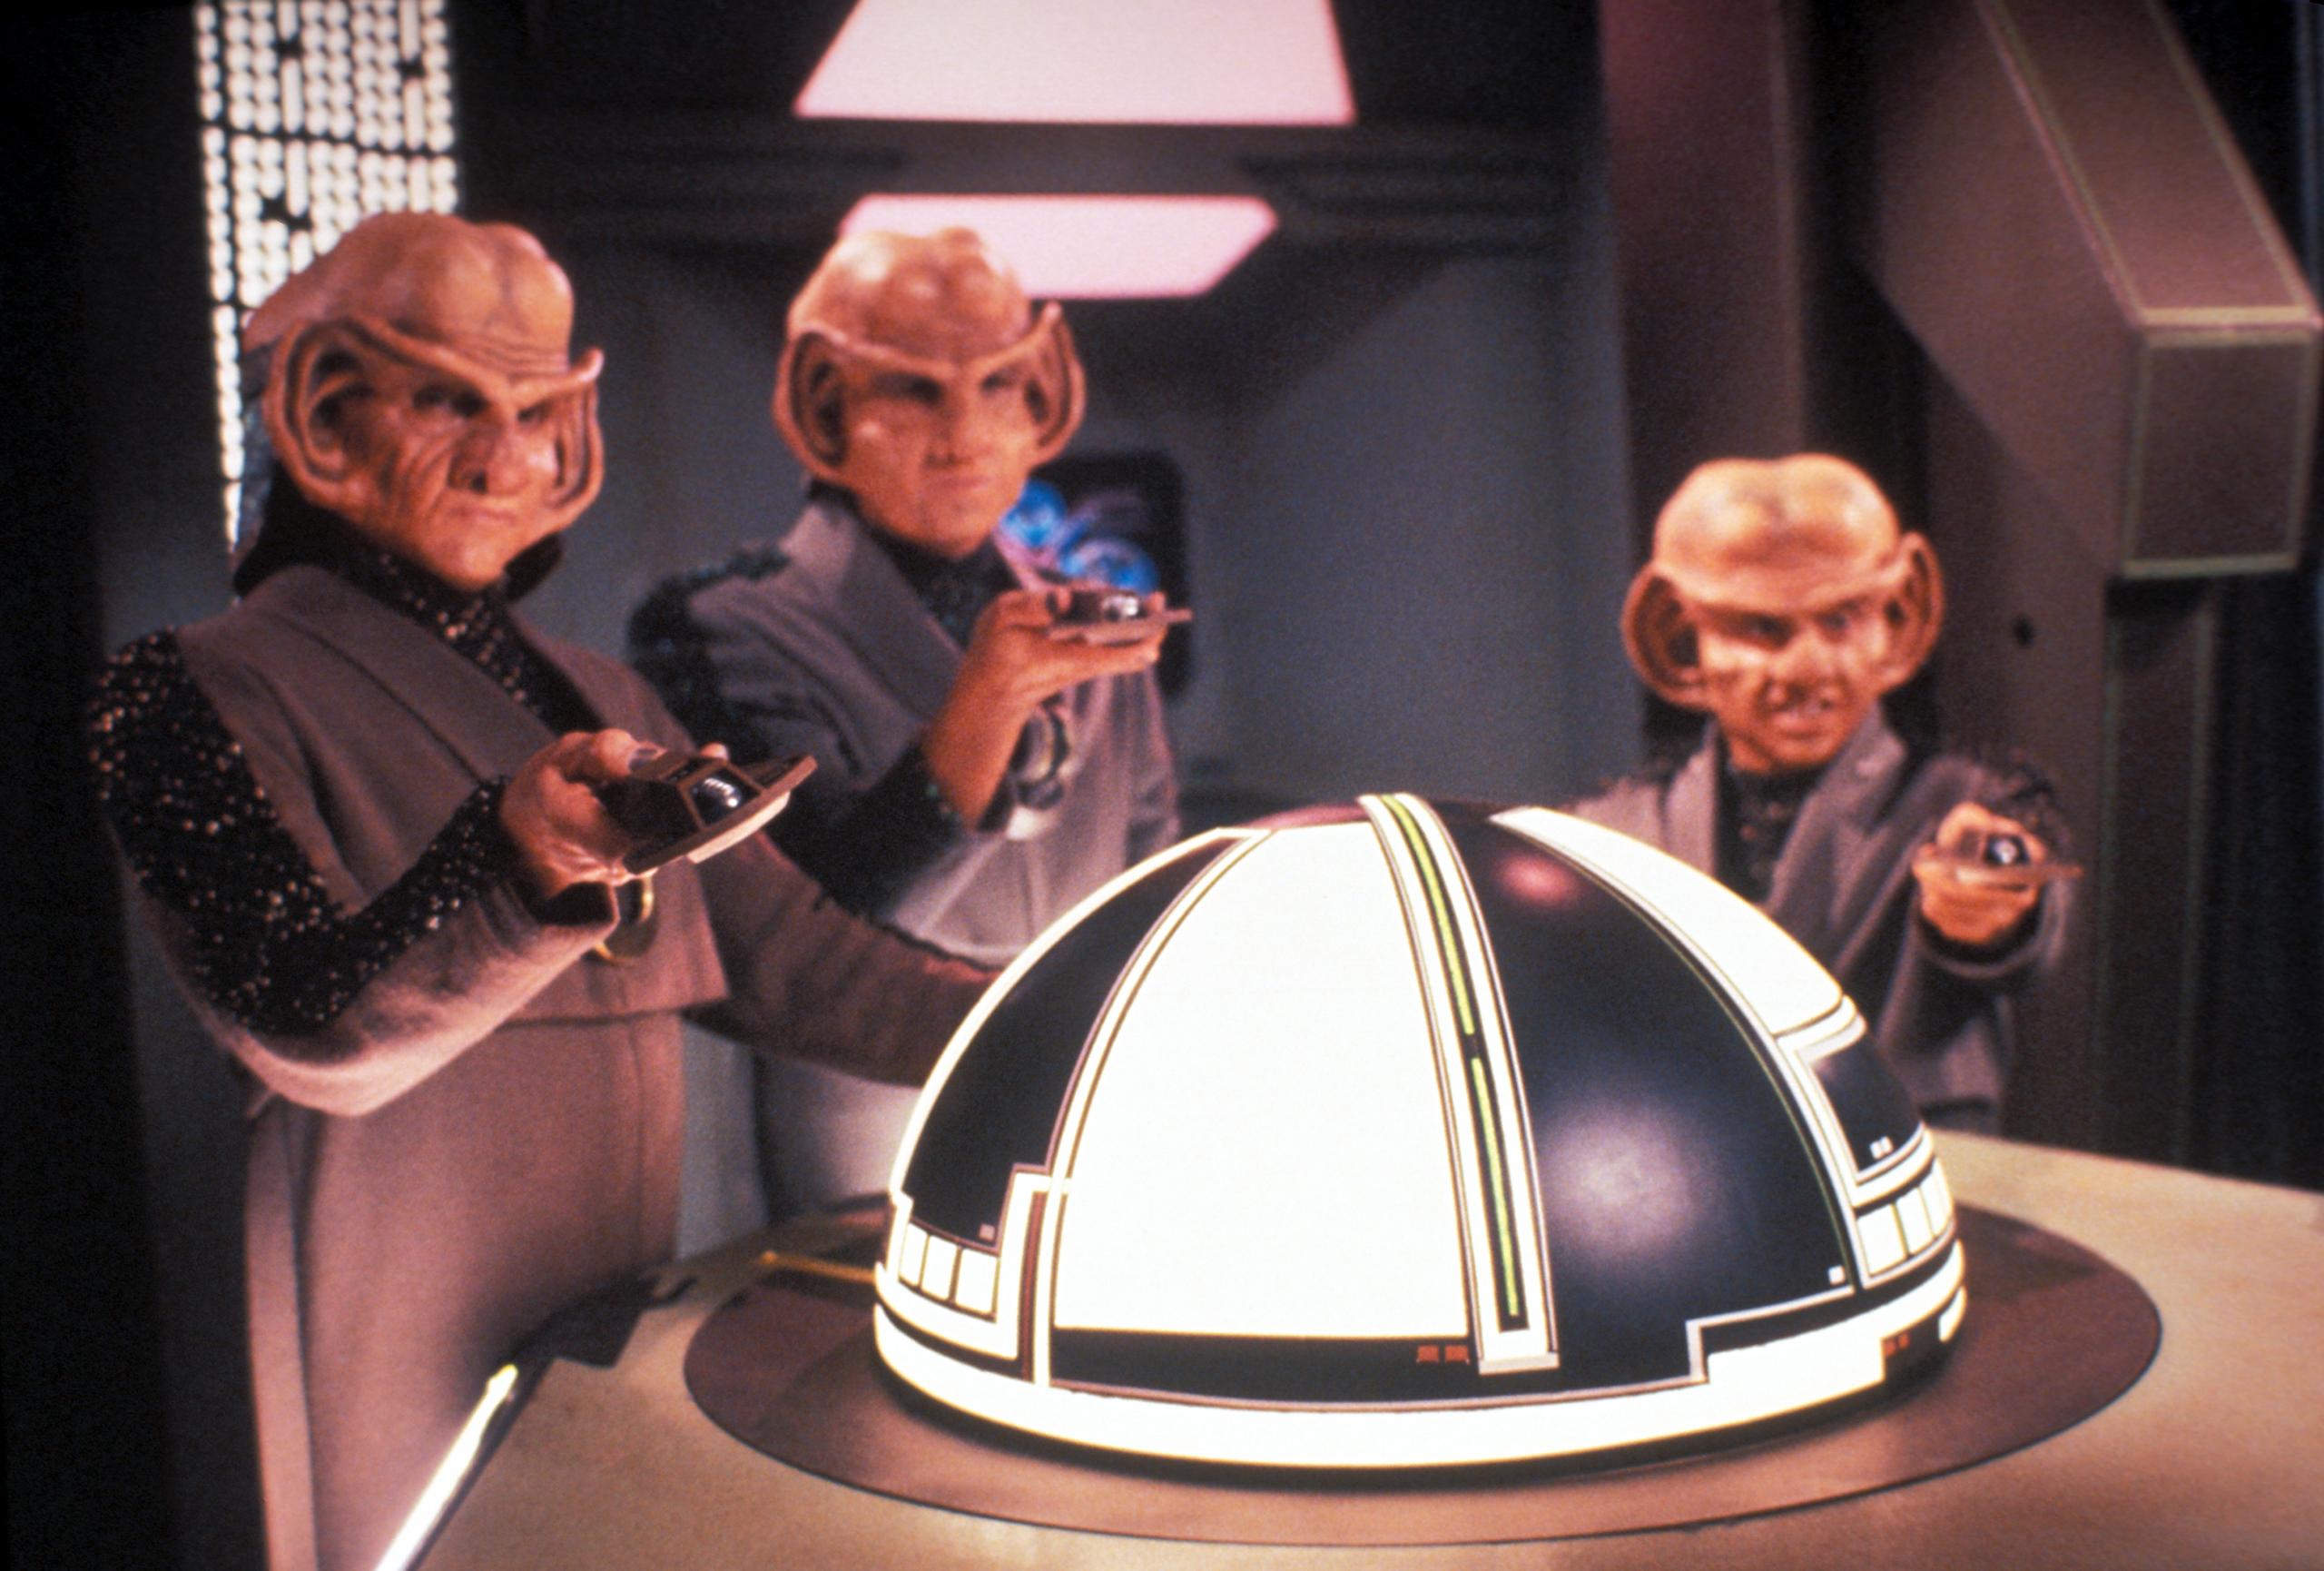 Three Ferengi in Star Trek: The Next Generation, May 2, 1994 .